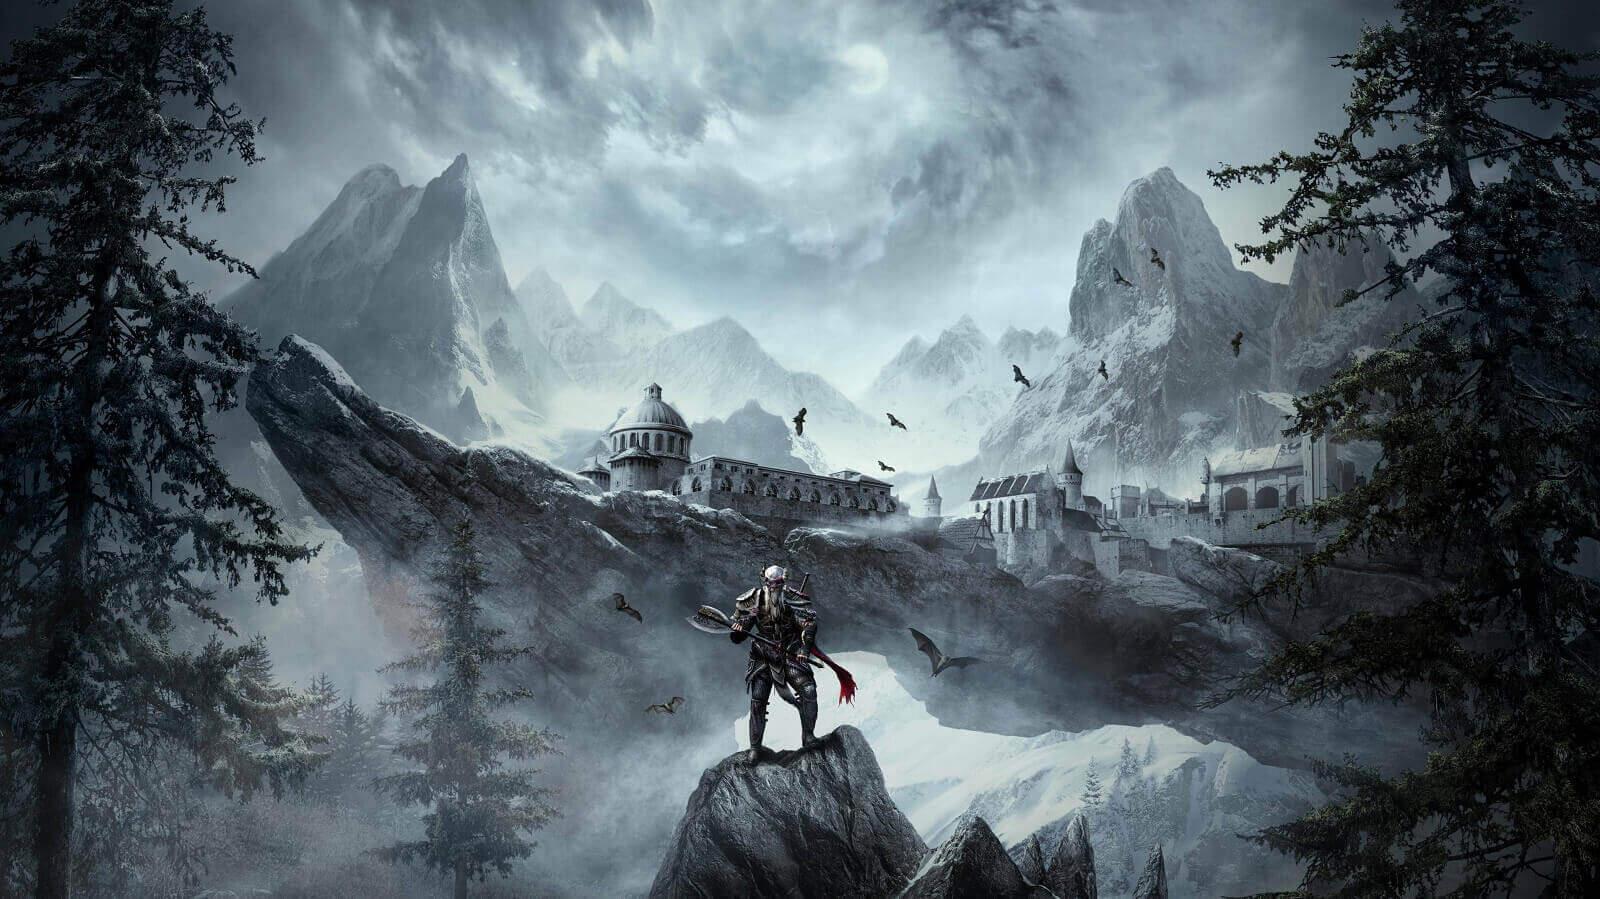 Elder Scrolls Release